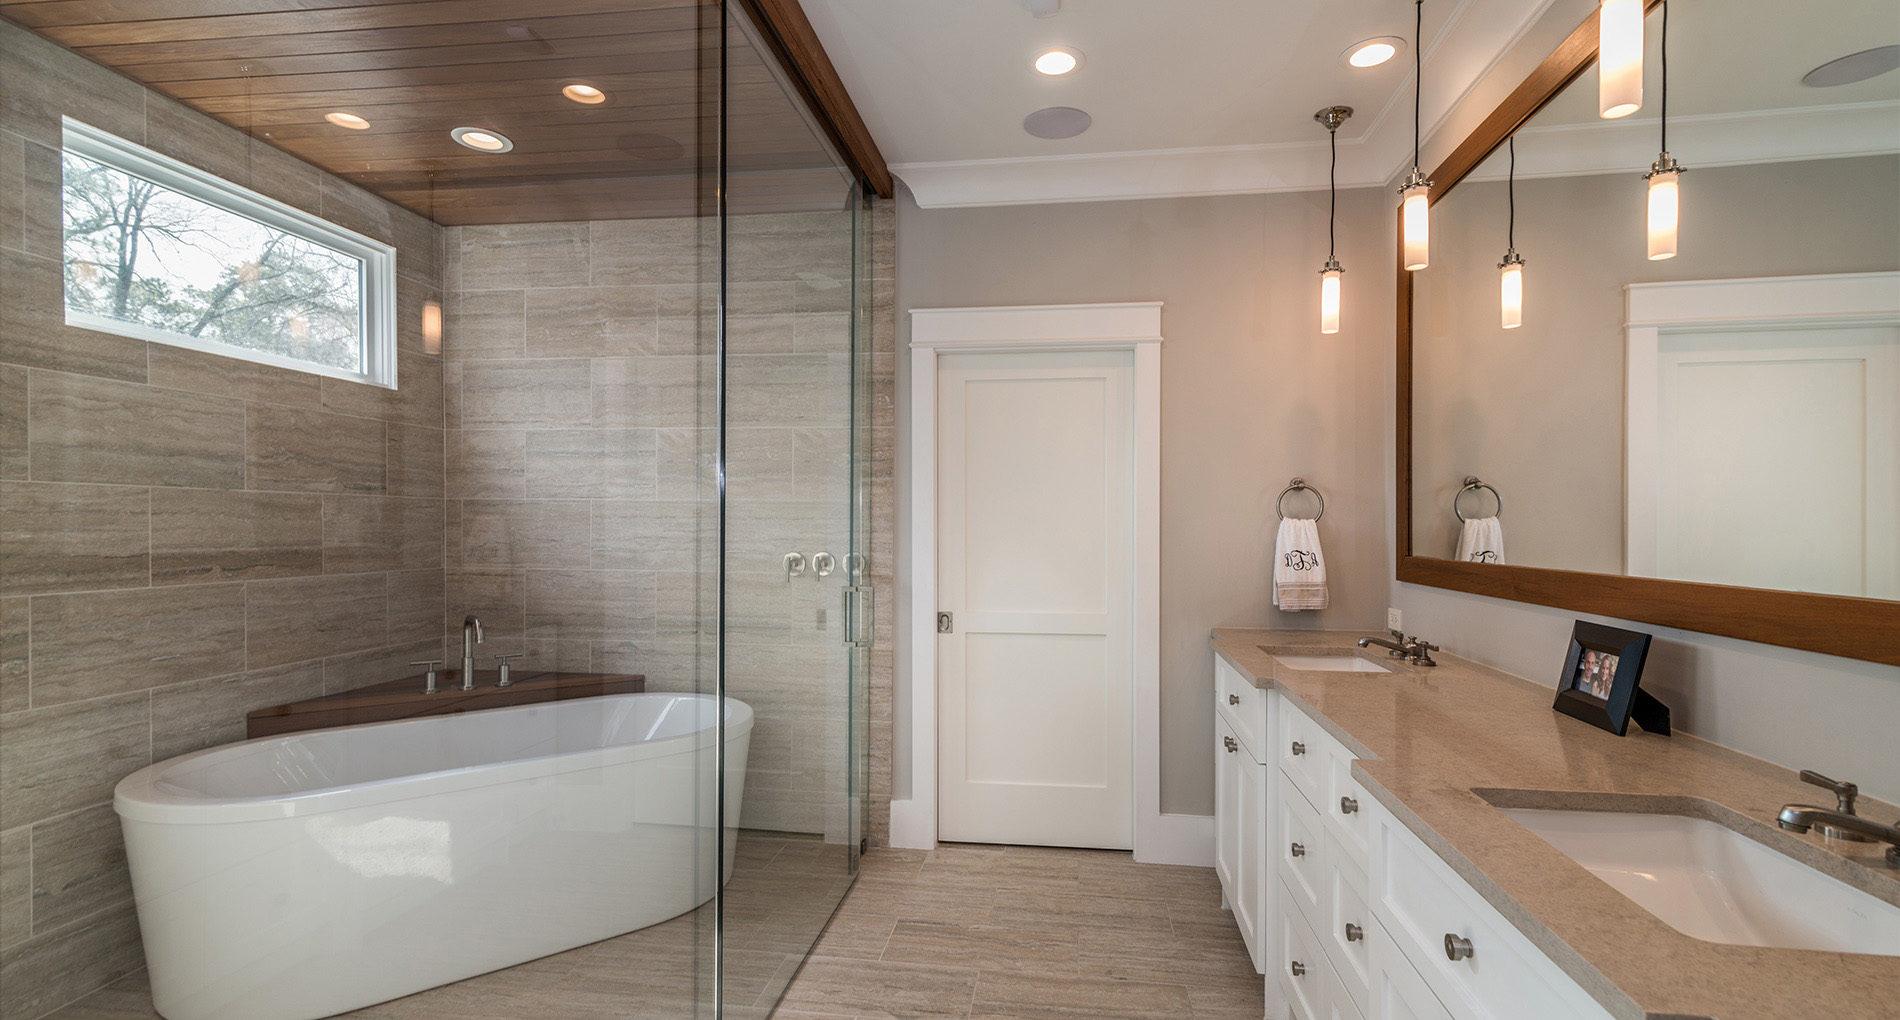 Bathroom Remodeling Gallery Alair Homes Houston - 1900 bathroom remodel